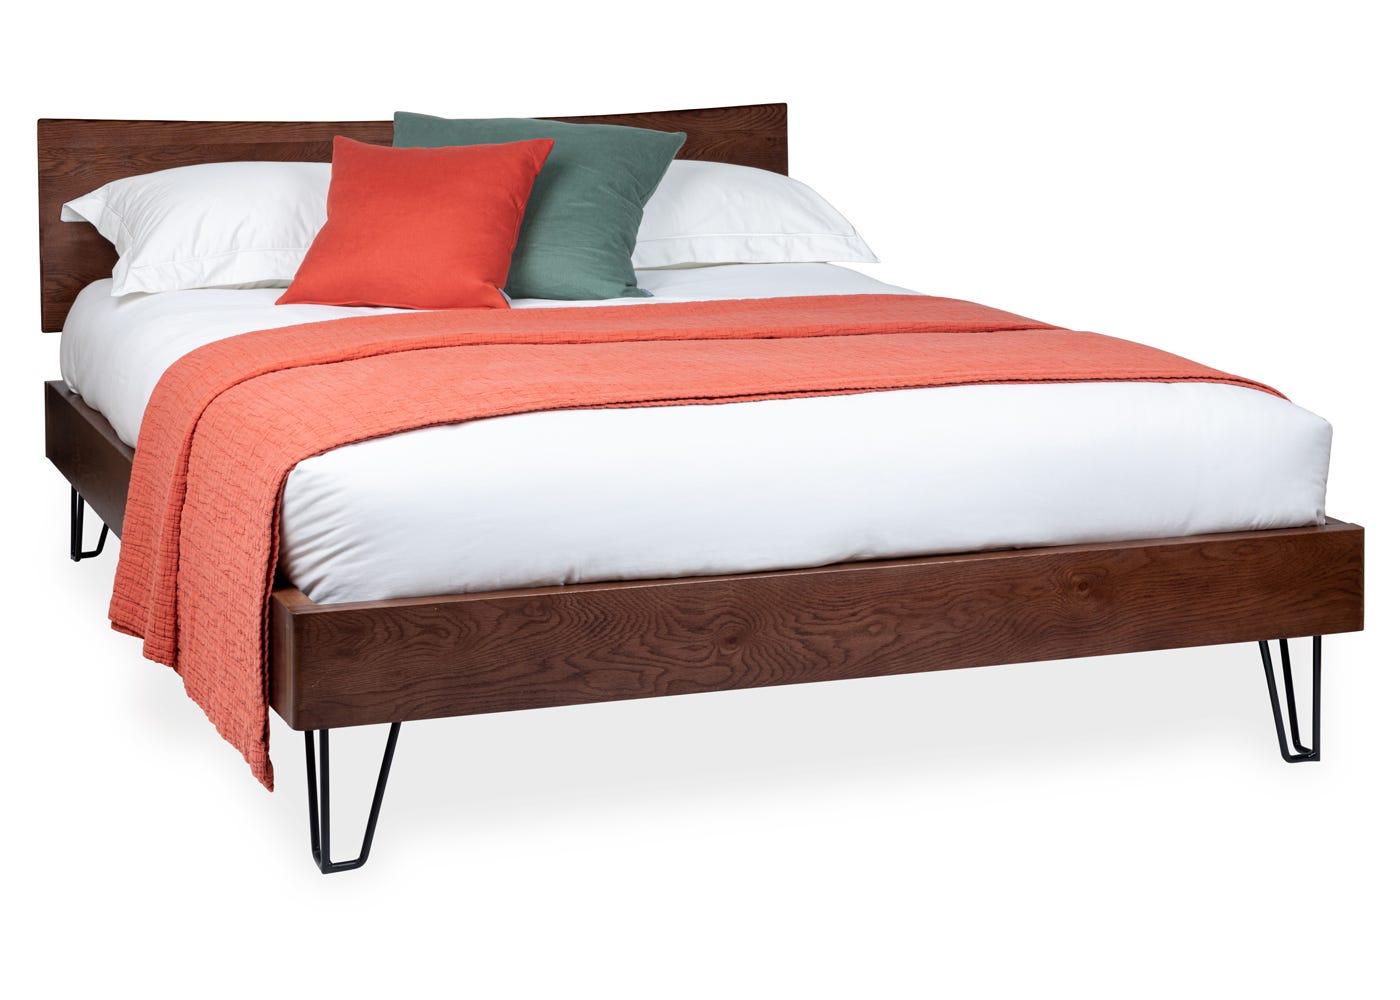 Brunel Bed with Oak Headboard King Dark Wood - Side profile.